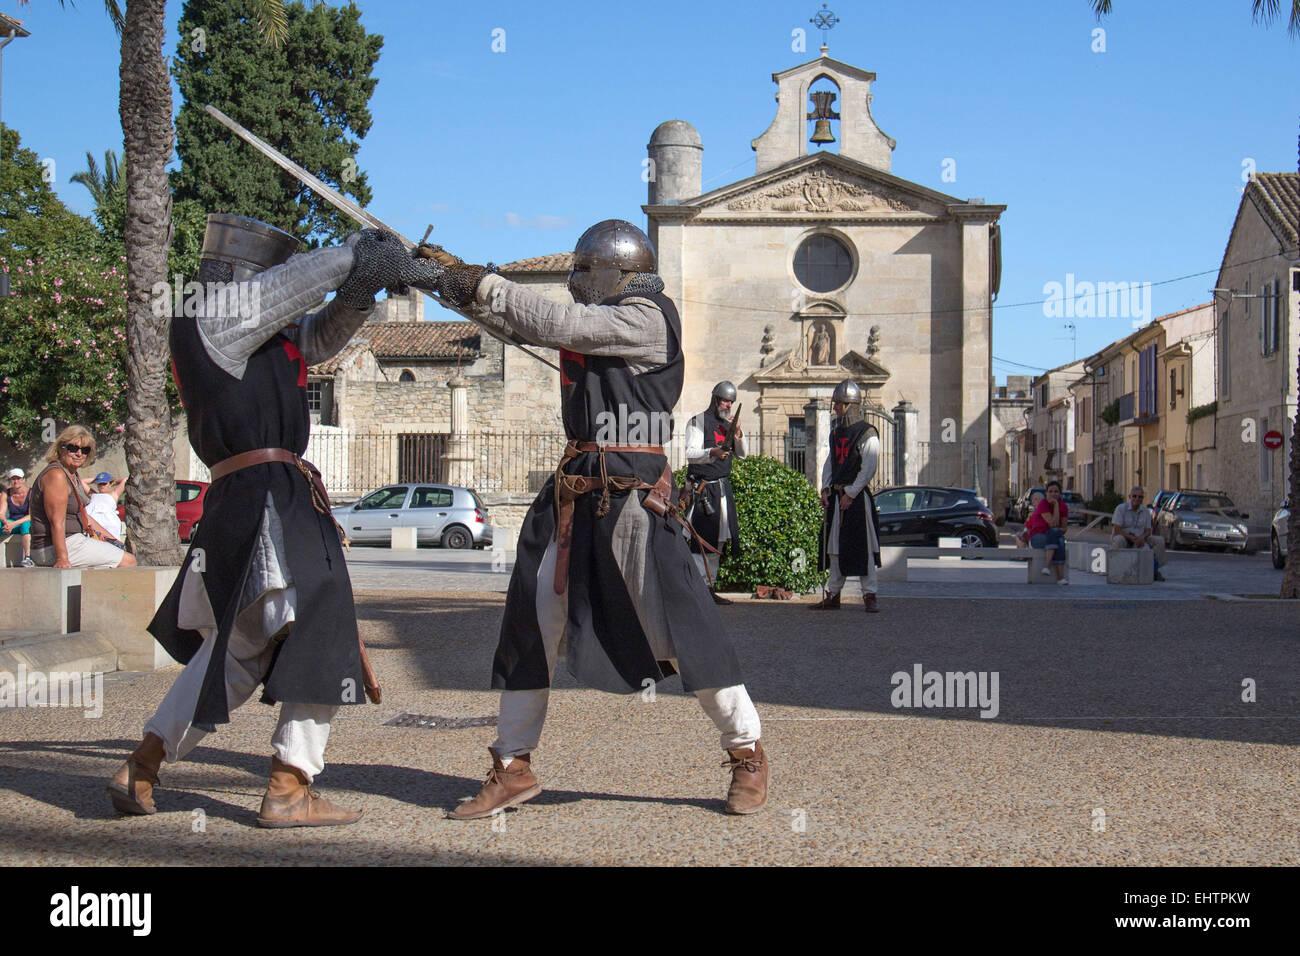 FESTIVAL OF SAINT LOUIS, AIGUES-MORTES, GARD (30), FRANCE - Stock Image